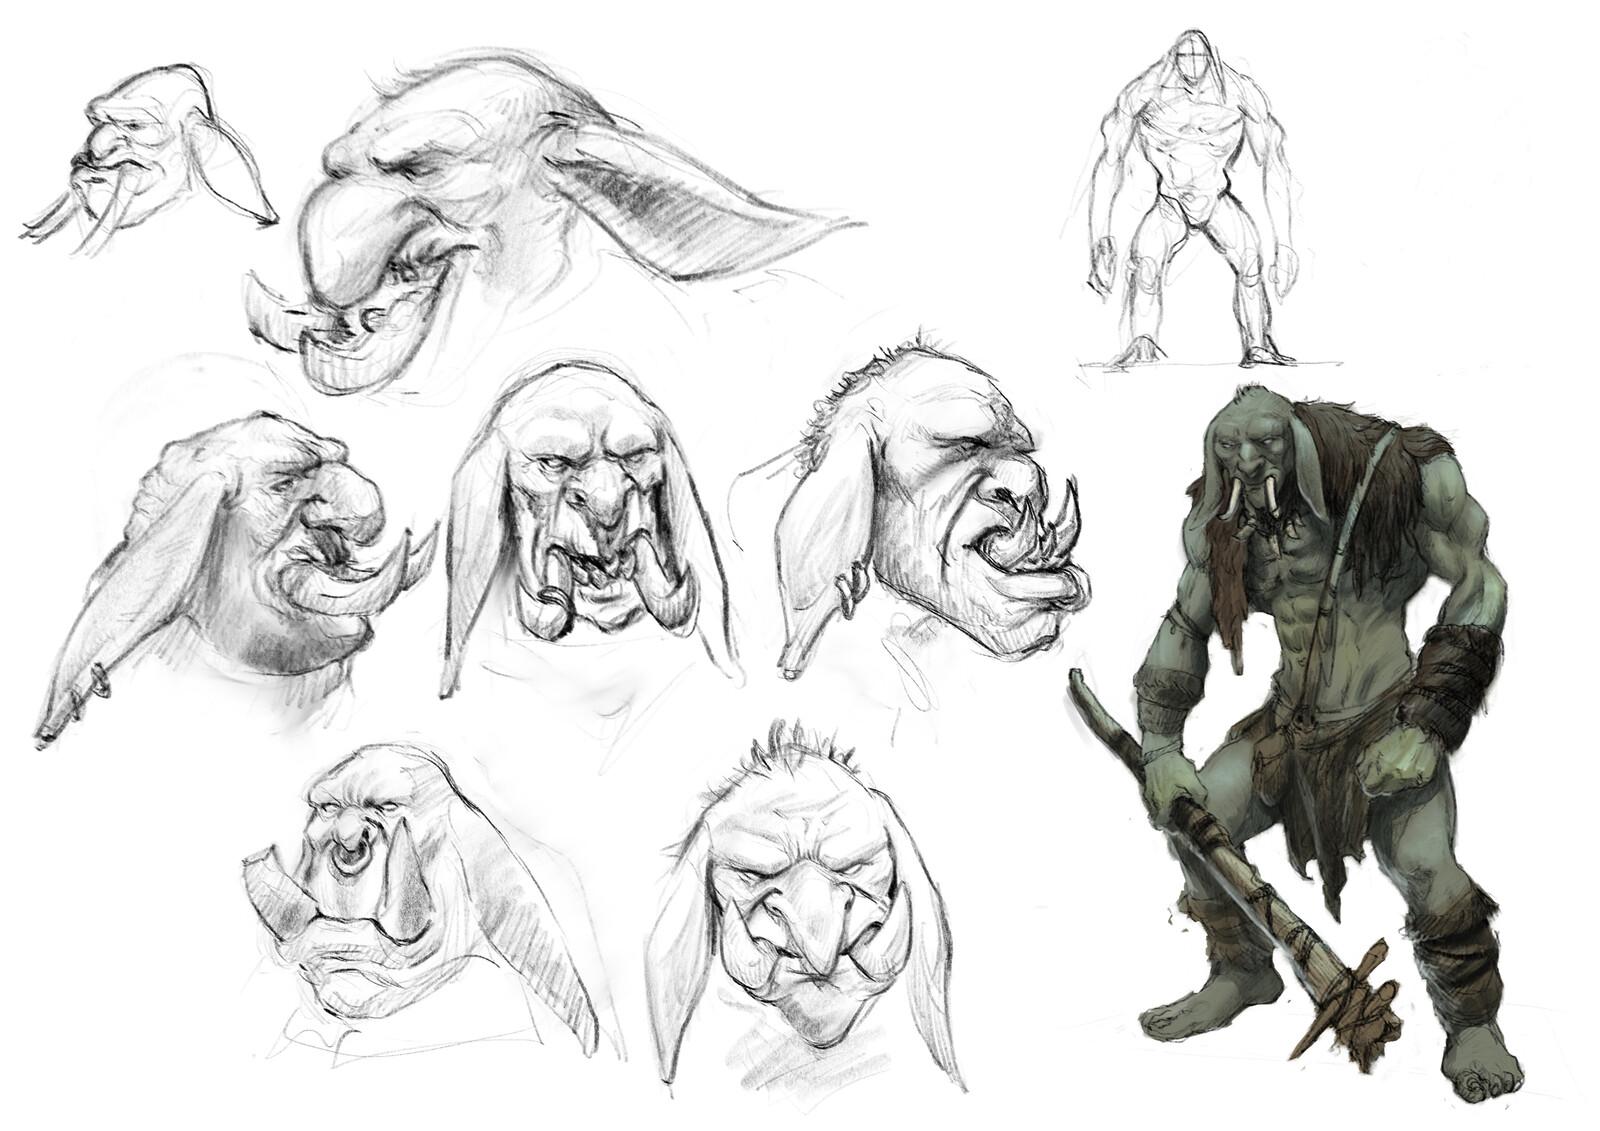 White goblin concept